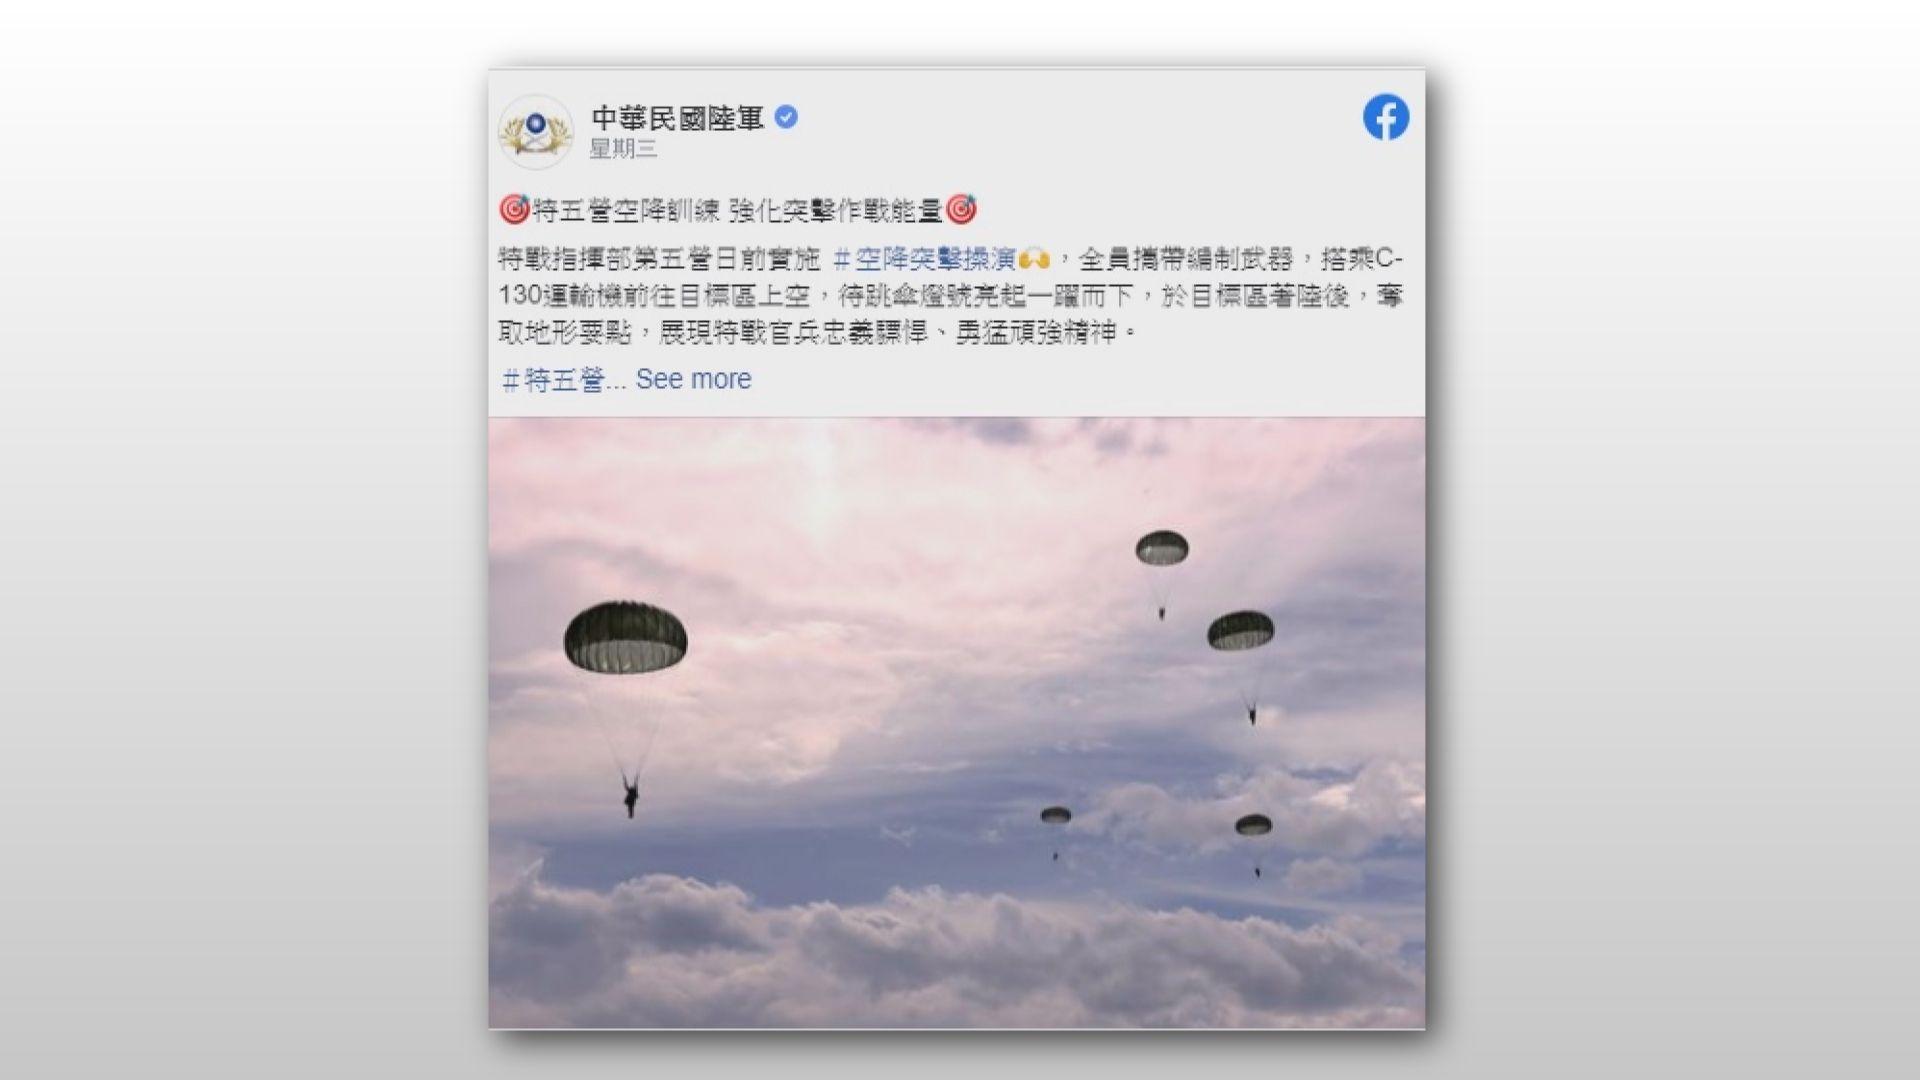 台軍模擬解放軍進行空降攻台演練